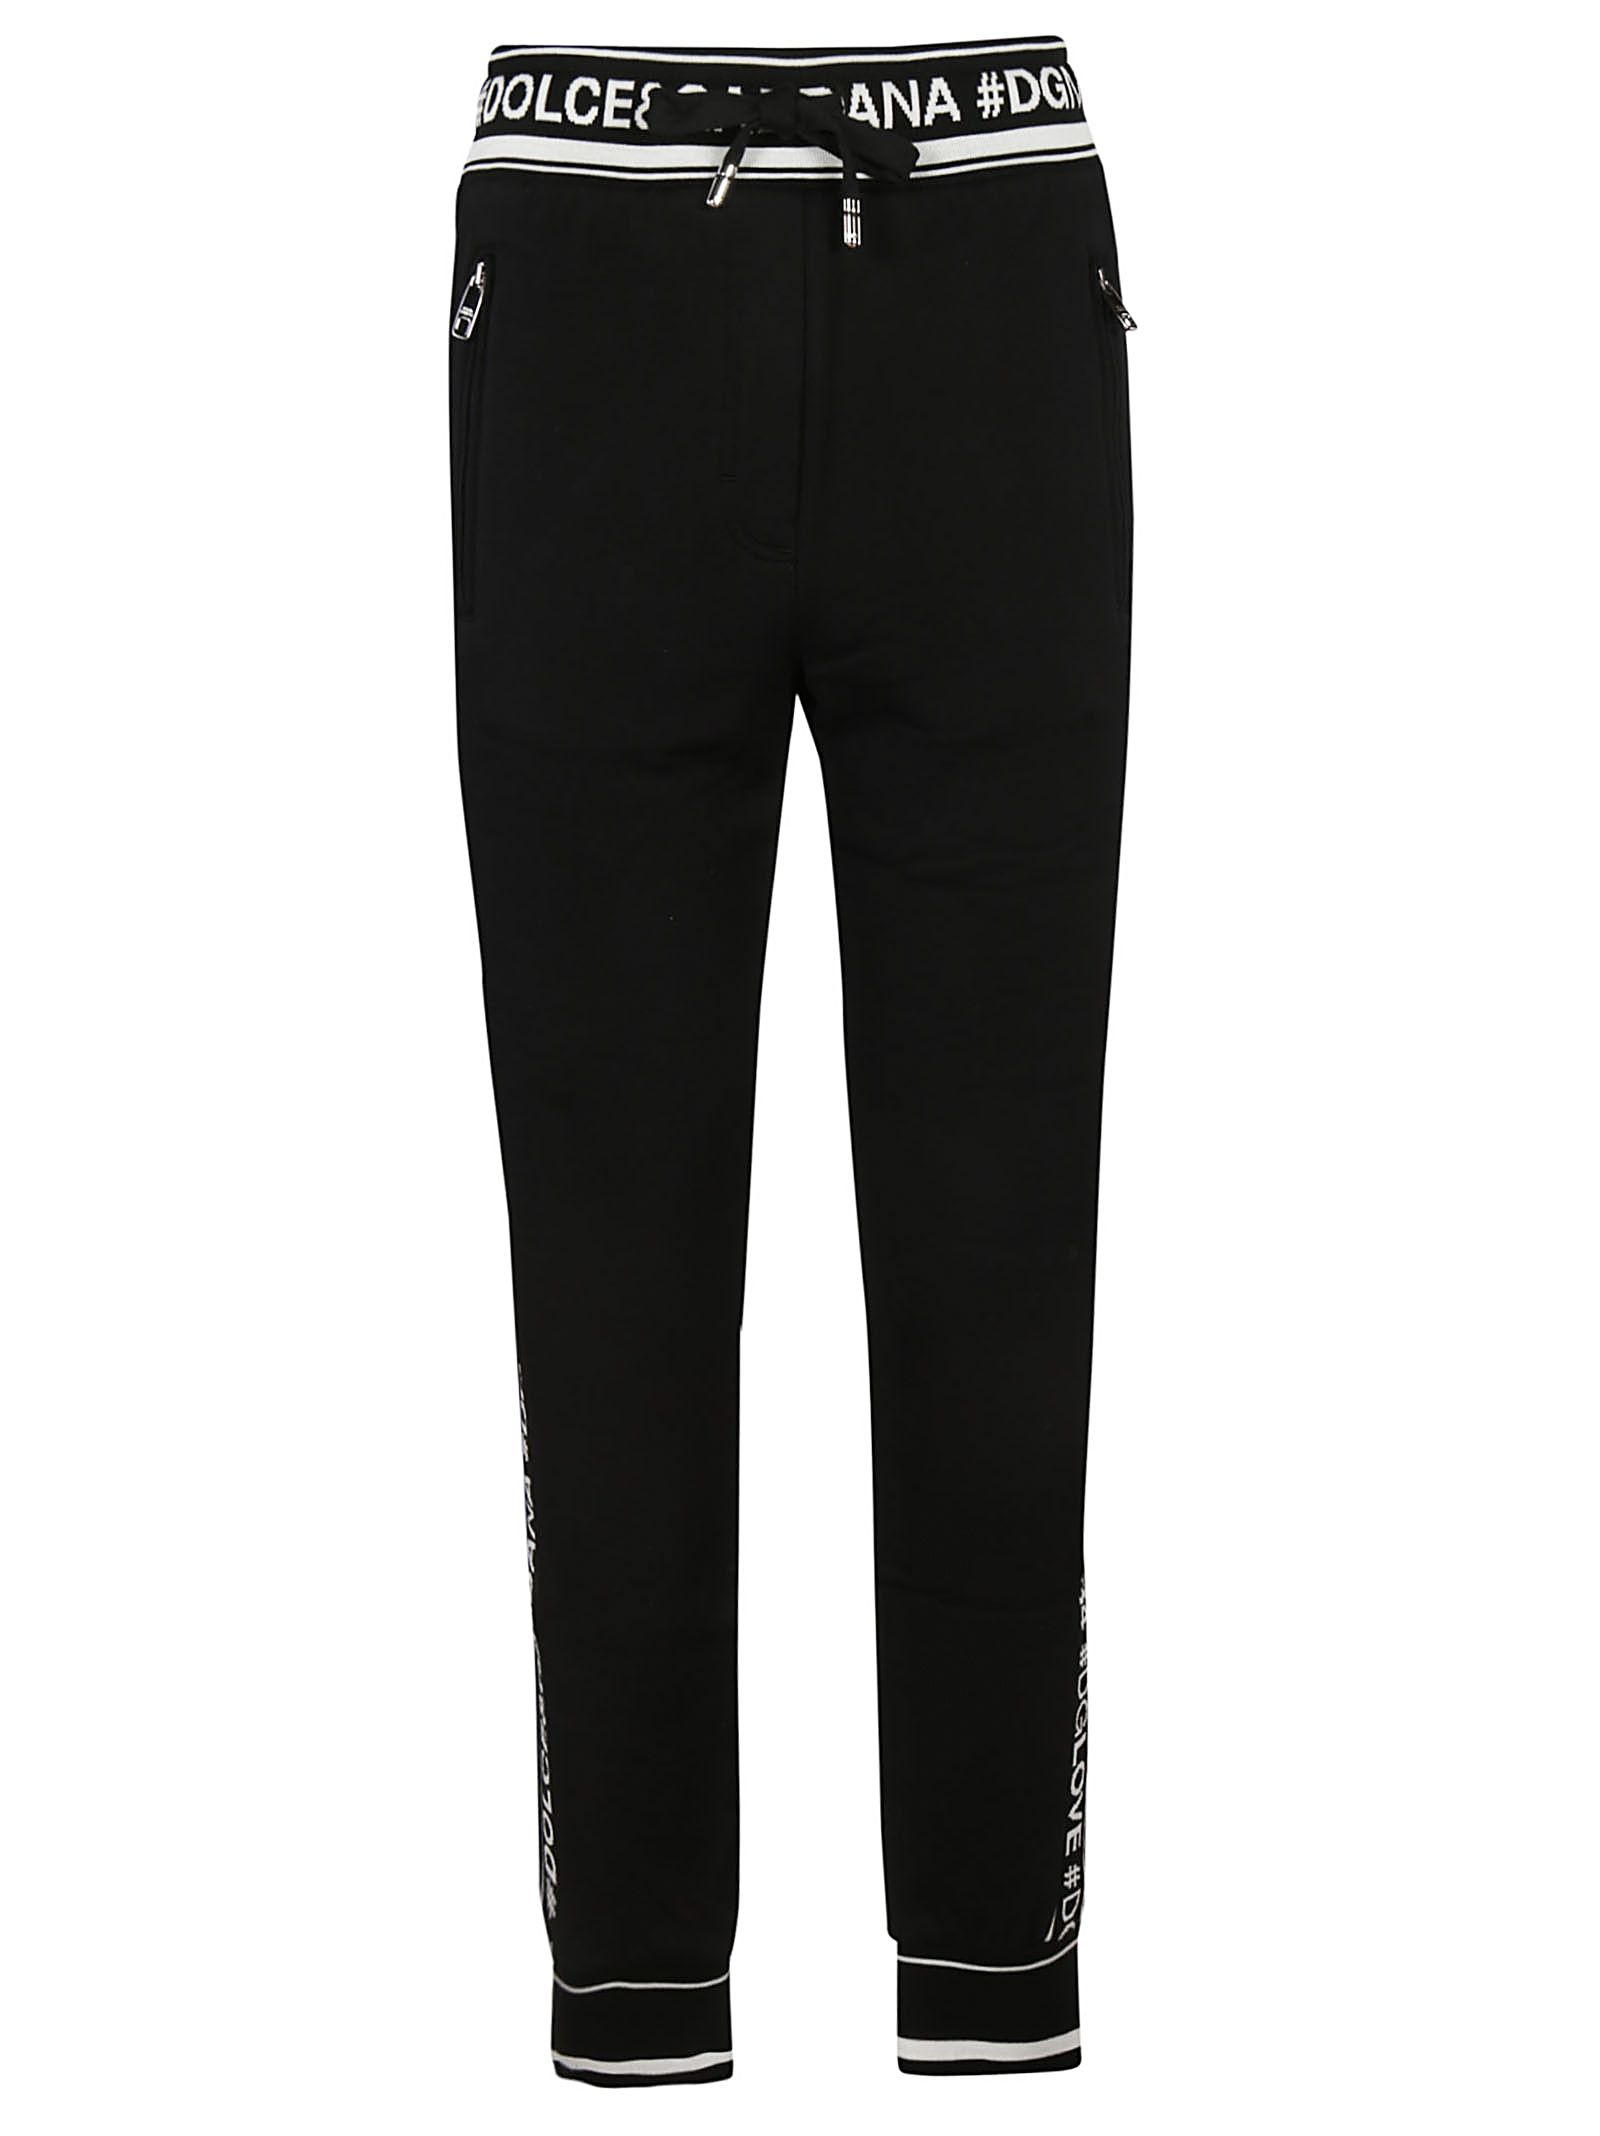 c5a83a4e5da7 Dolce   Gabbana Logo-Striped Cotton French Terry Sweatpants - Black Size 40  It